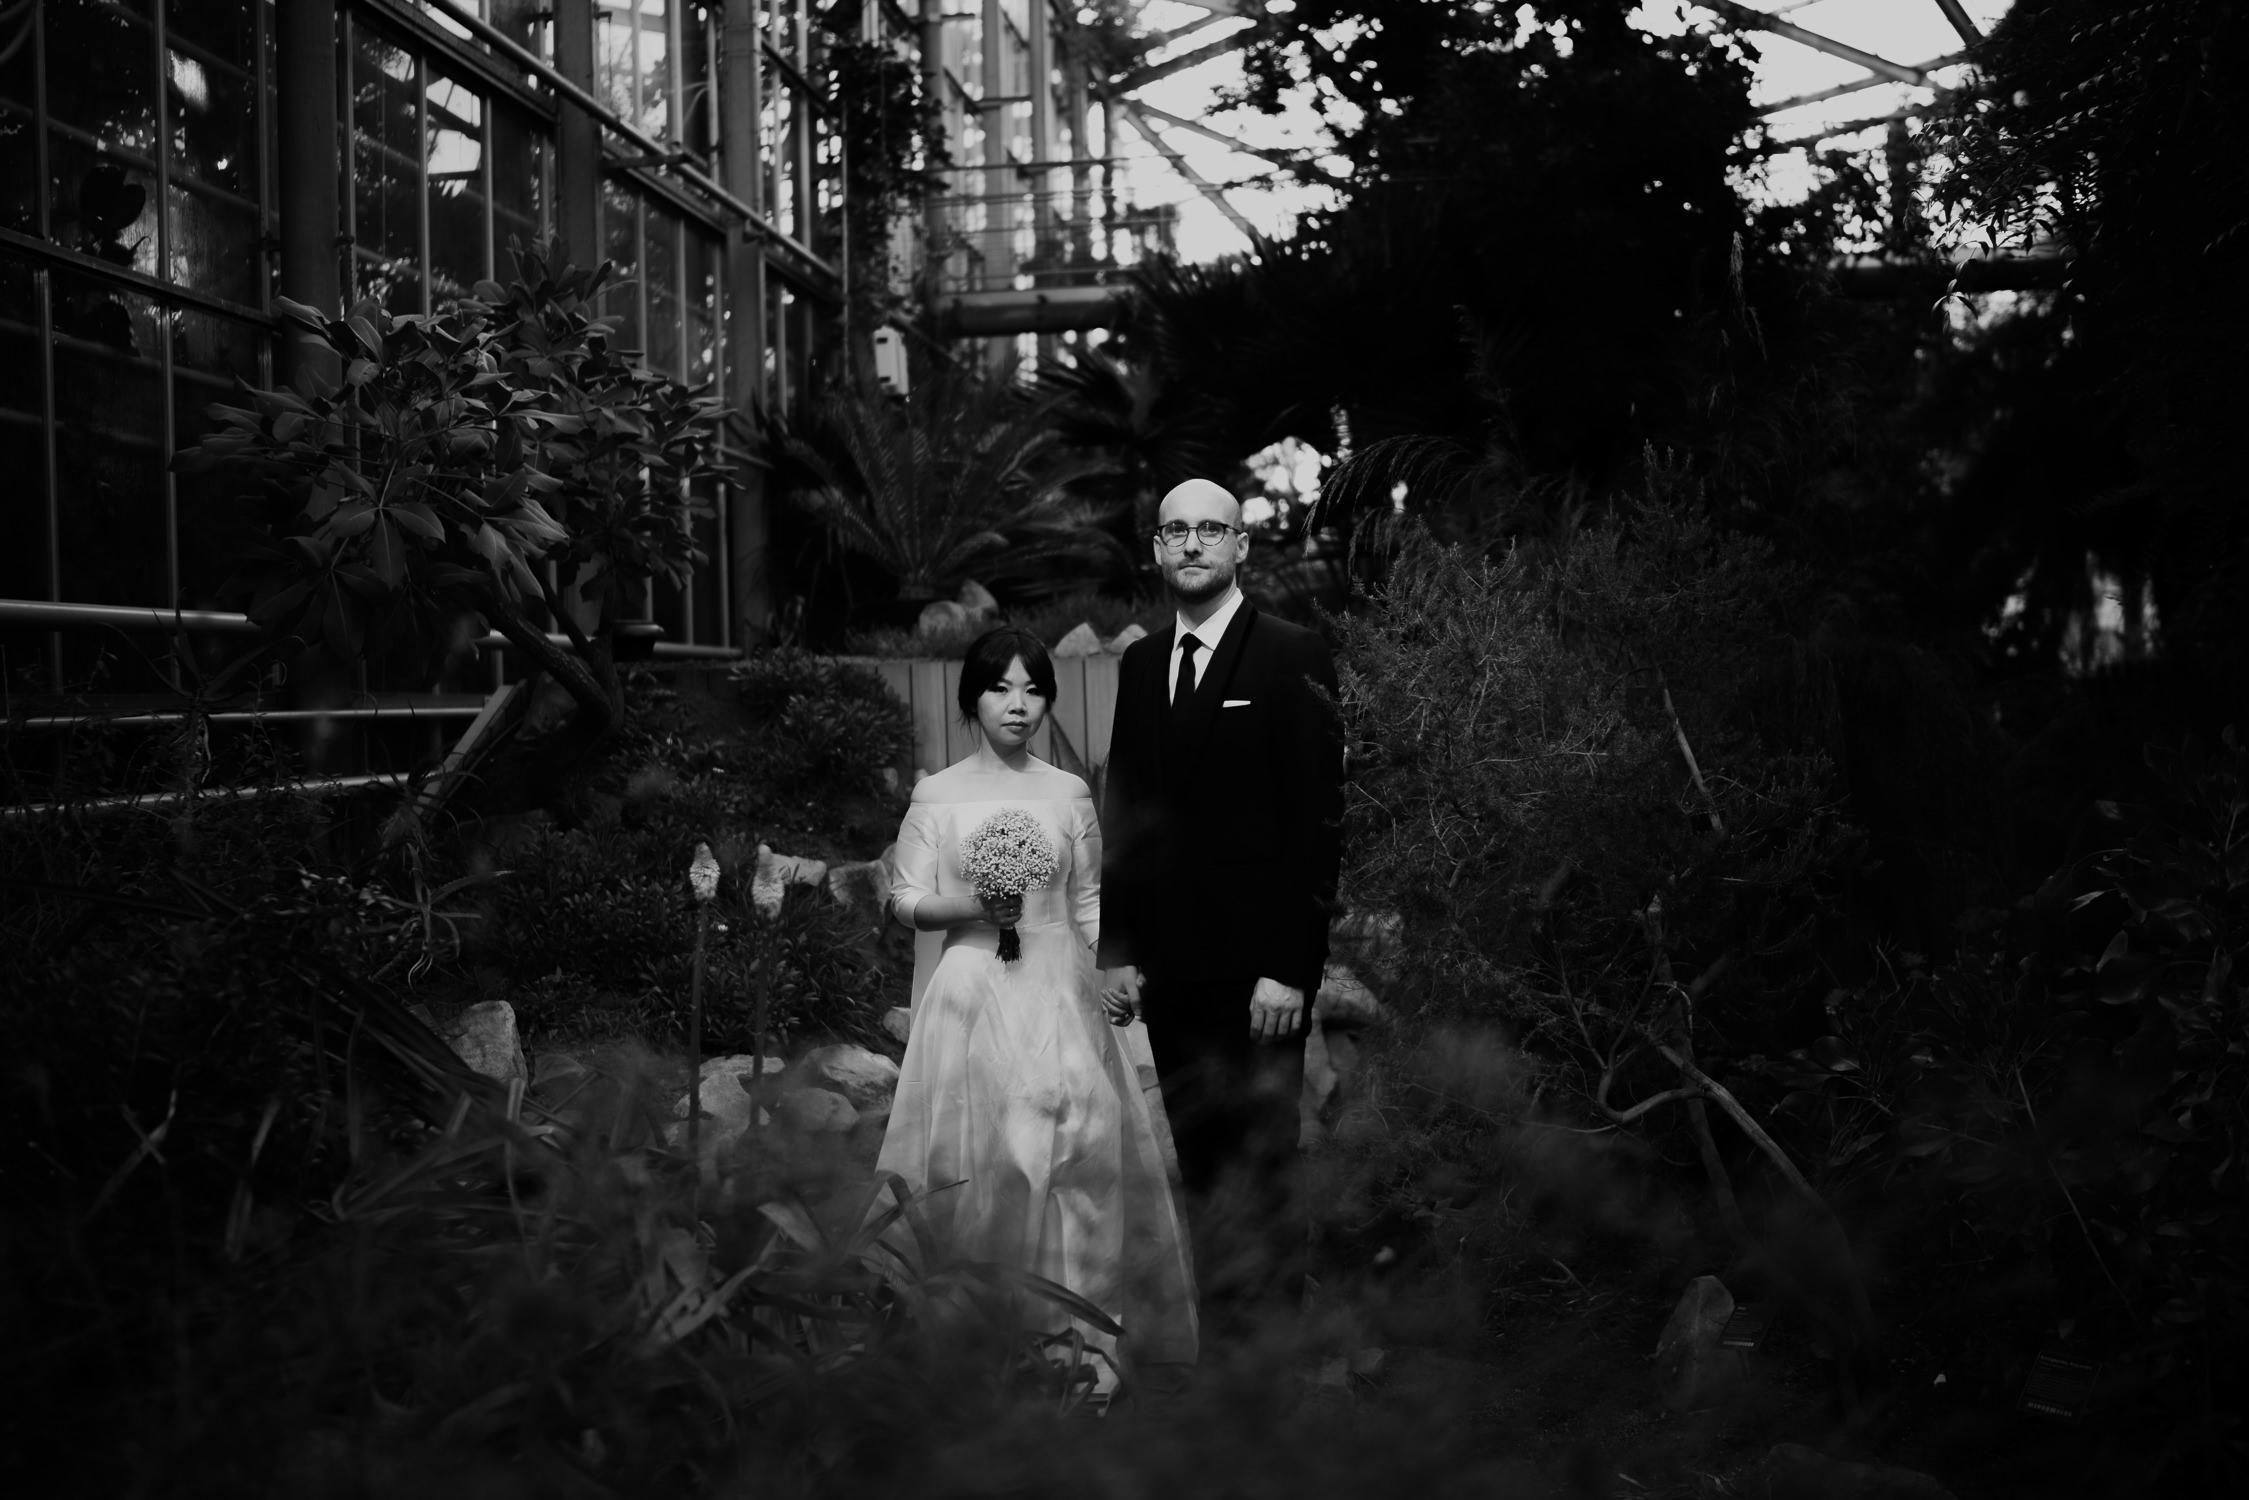 couple photography on wedding day at hortus botanicus amsterdam